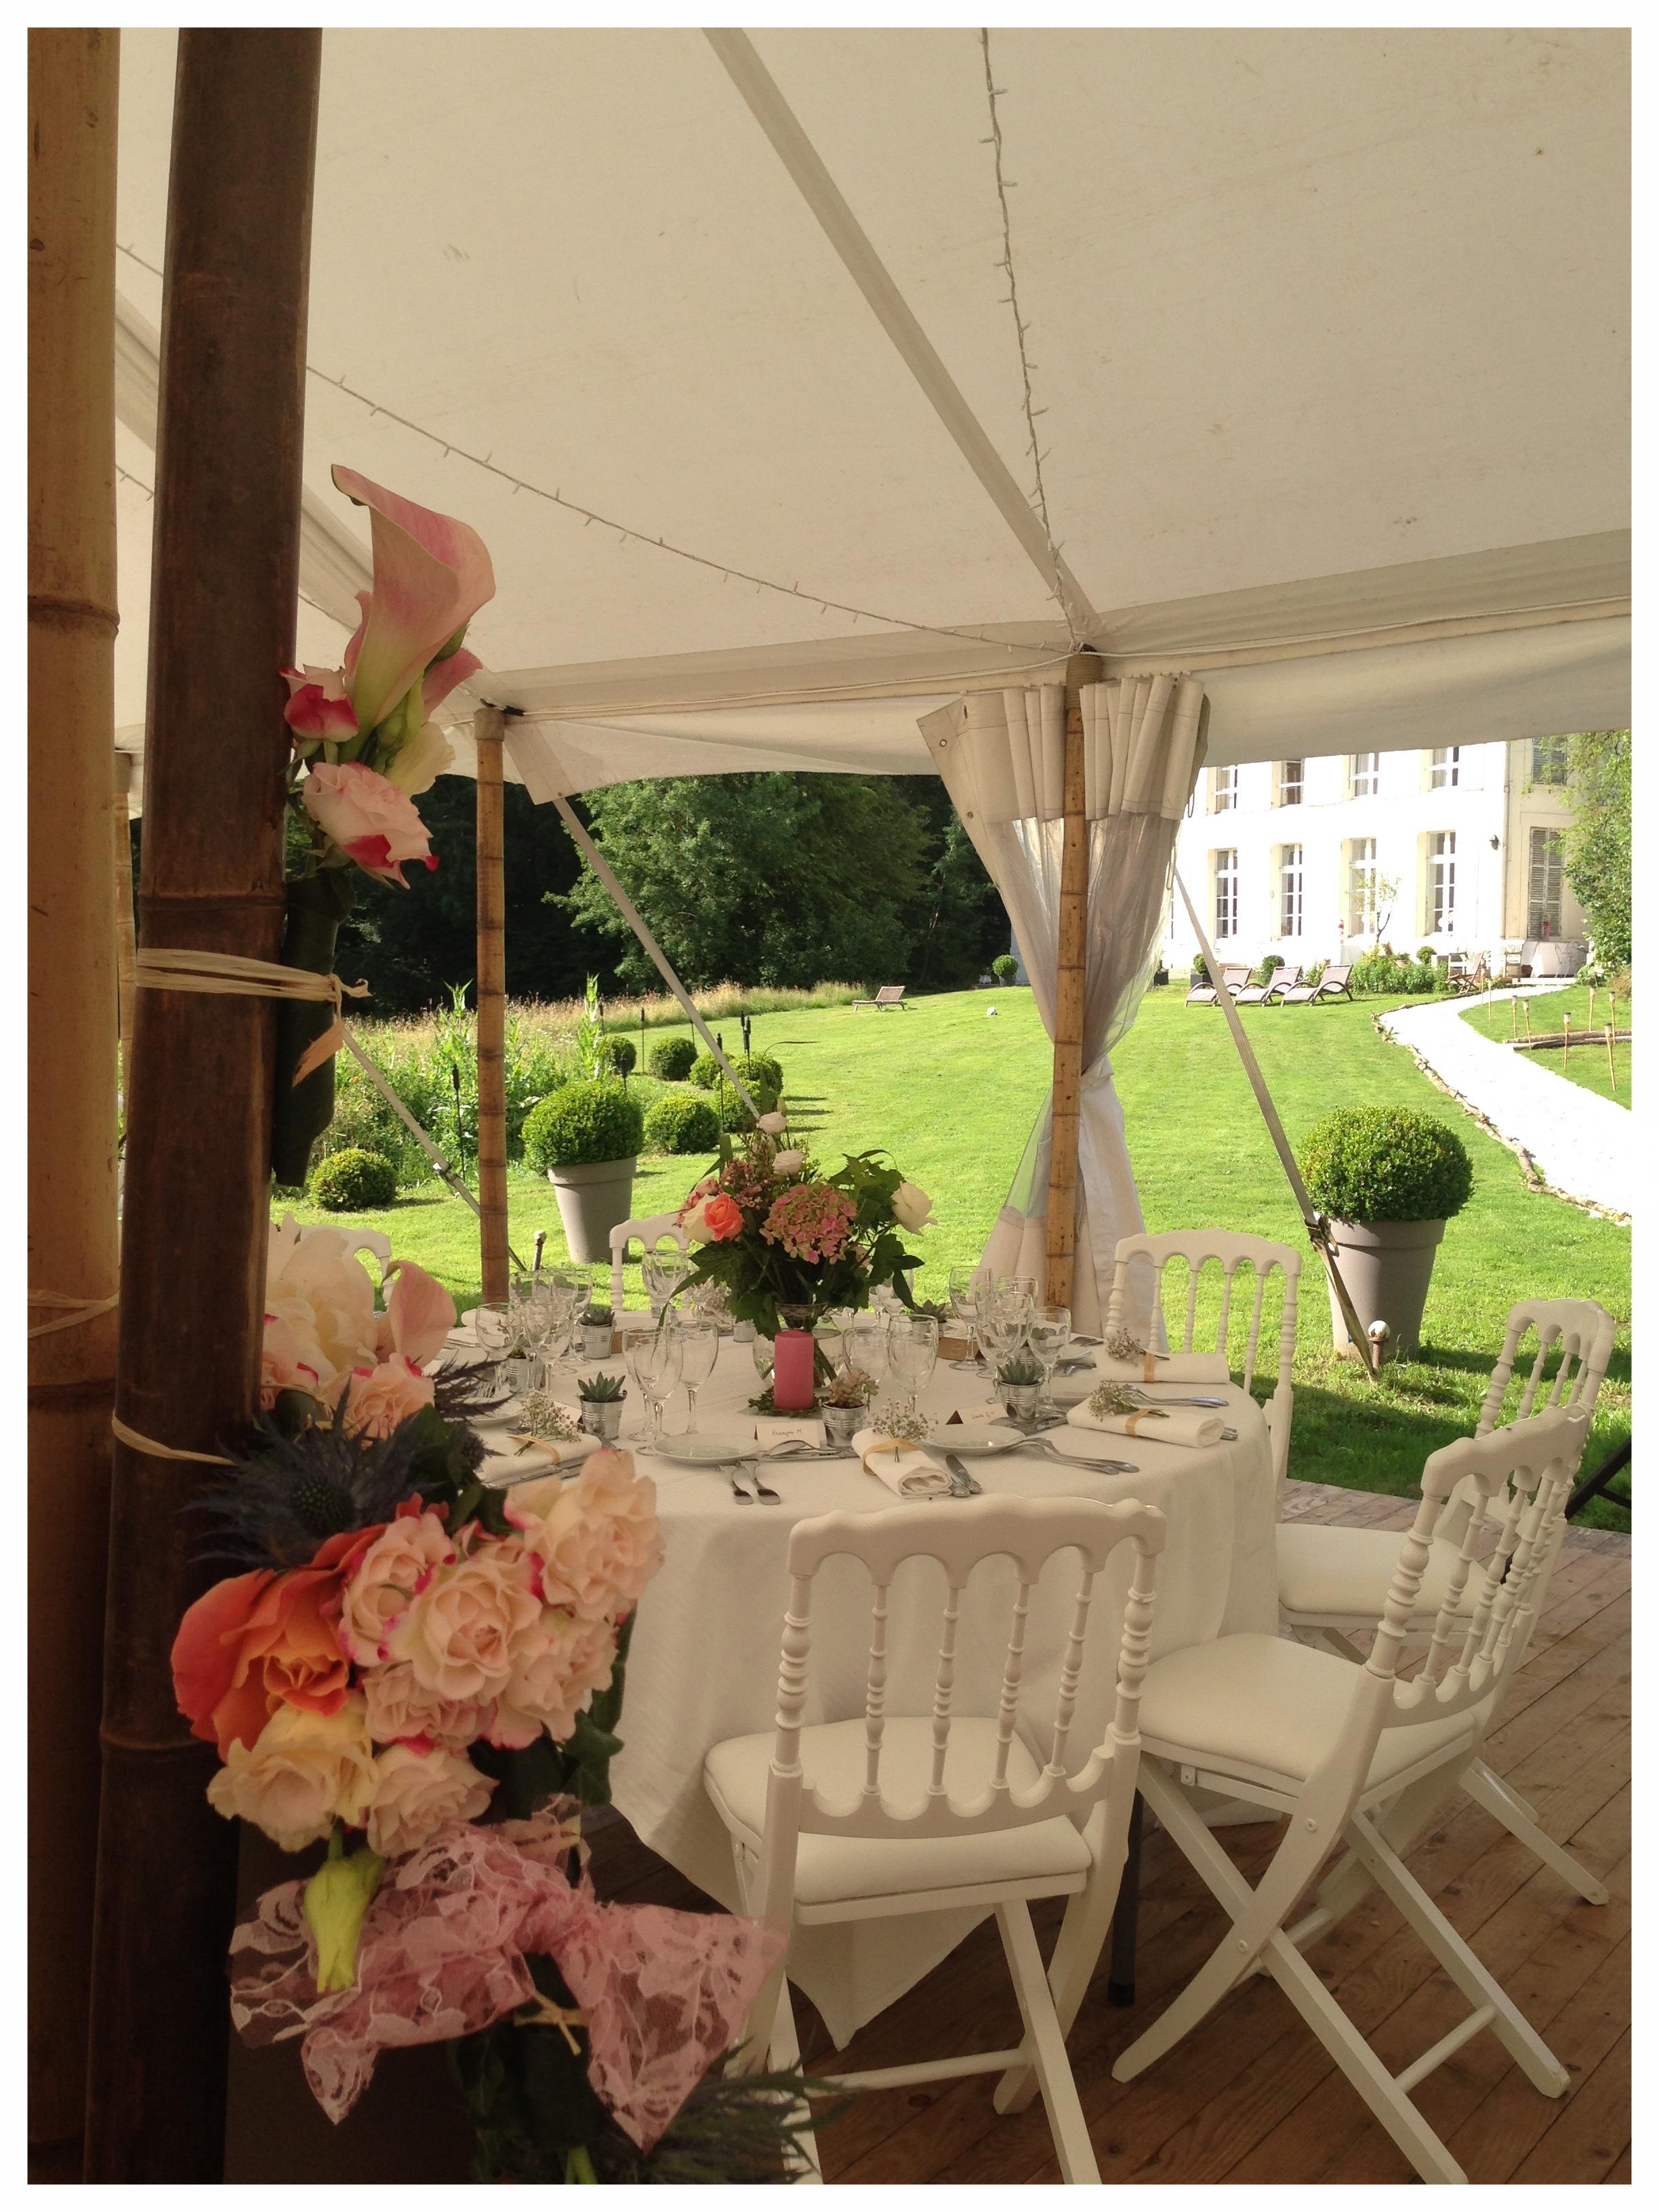 mariage au château proche de paris autour de paris île de france région parisienne salle pour mariage chpiteau bambou tente bambou mariage